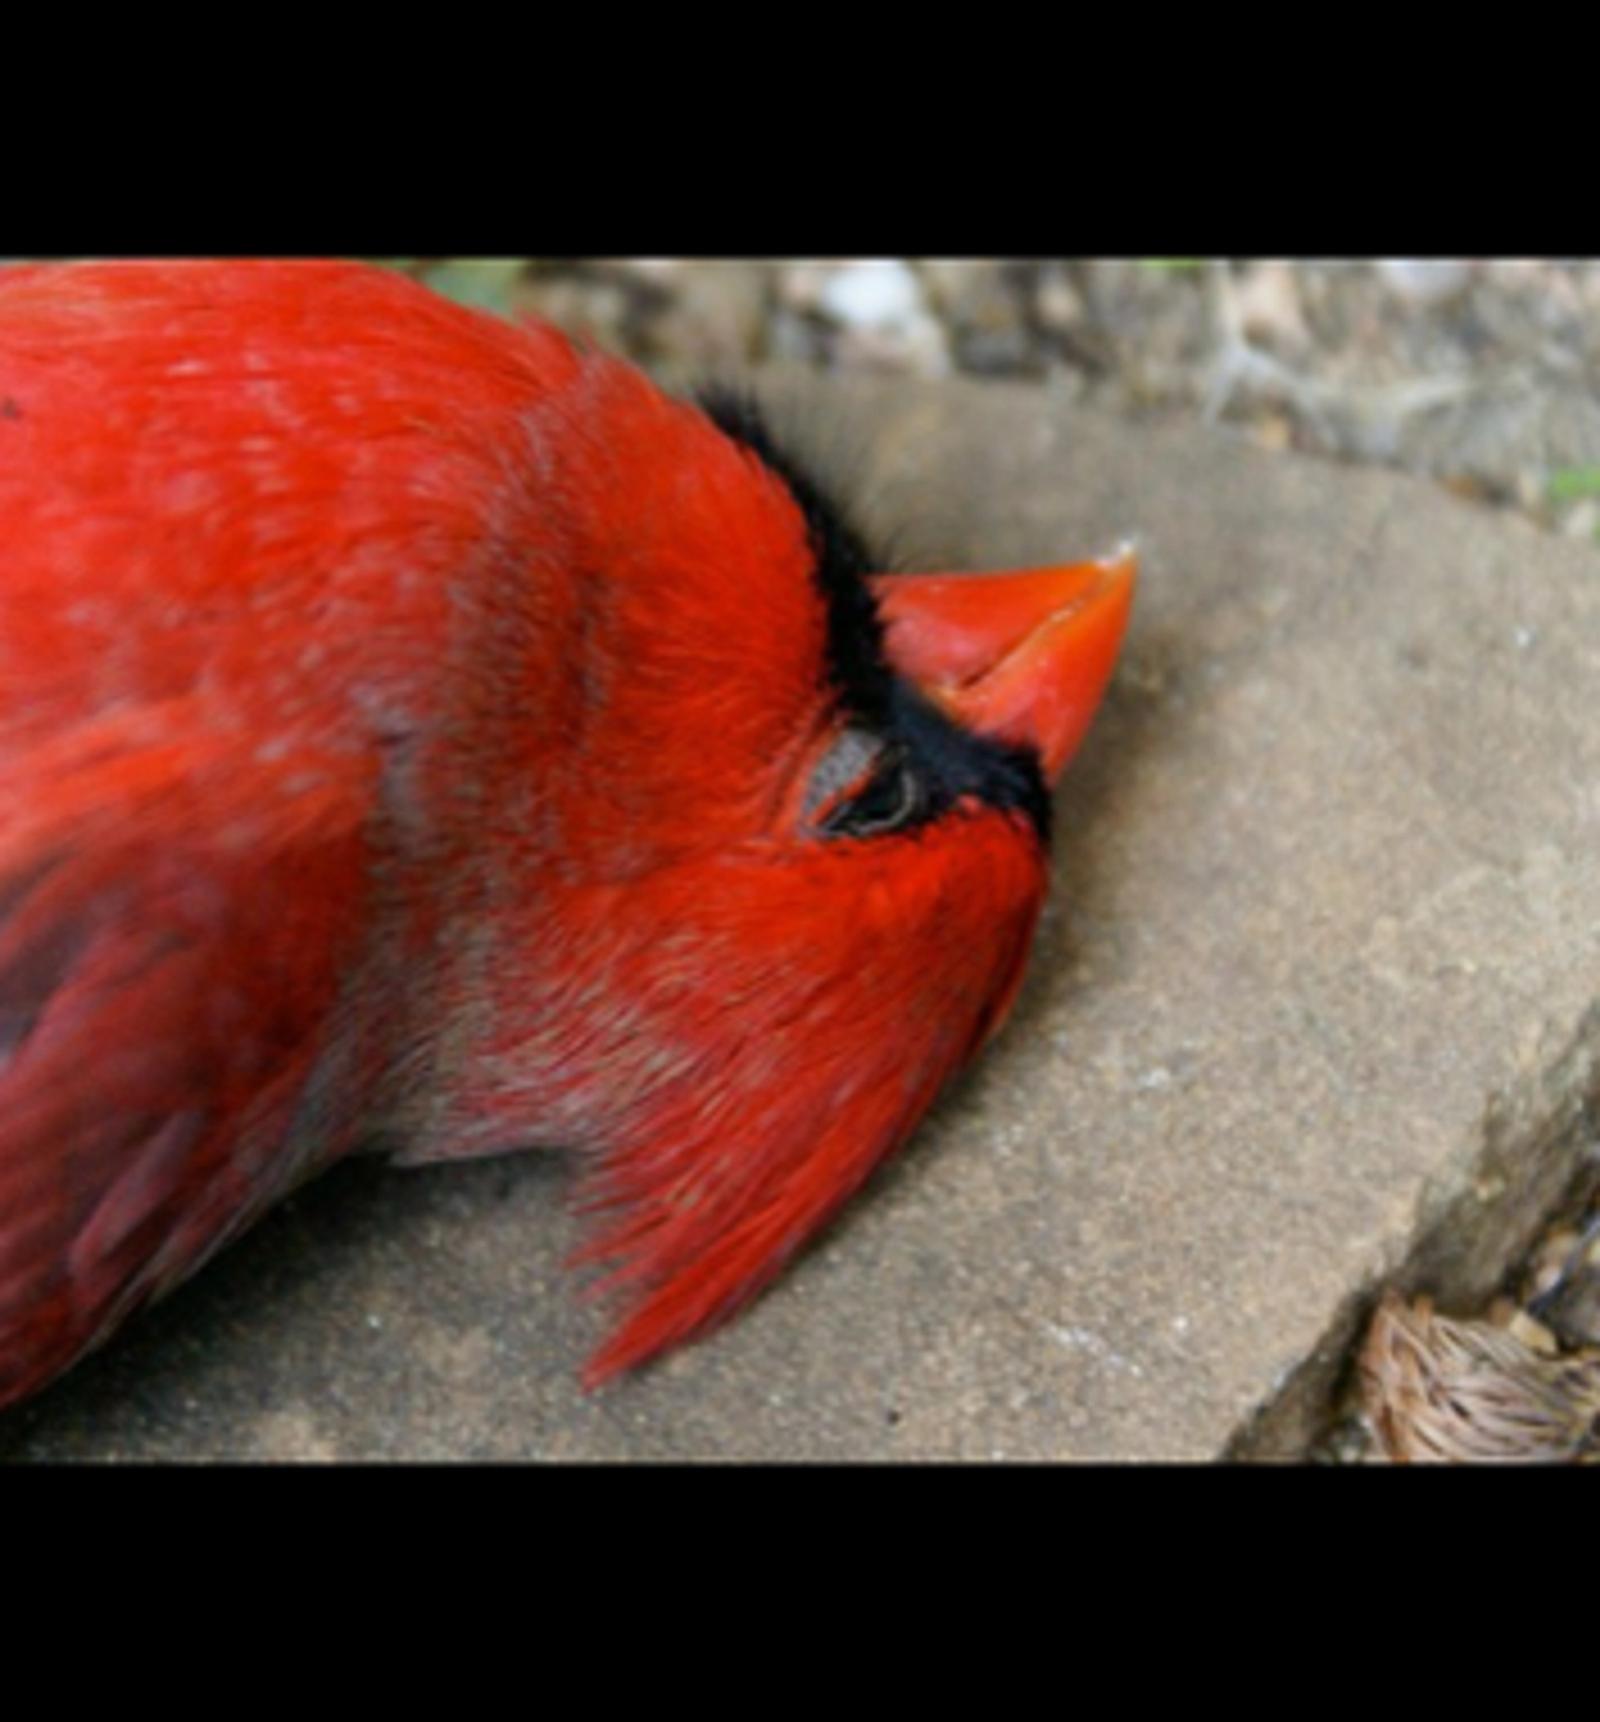 Head of a dead crimson bird.